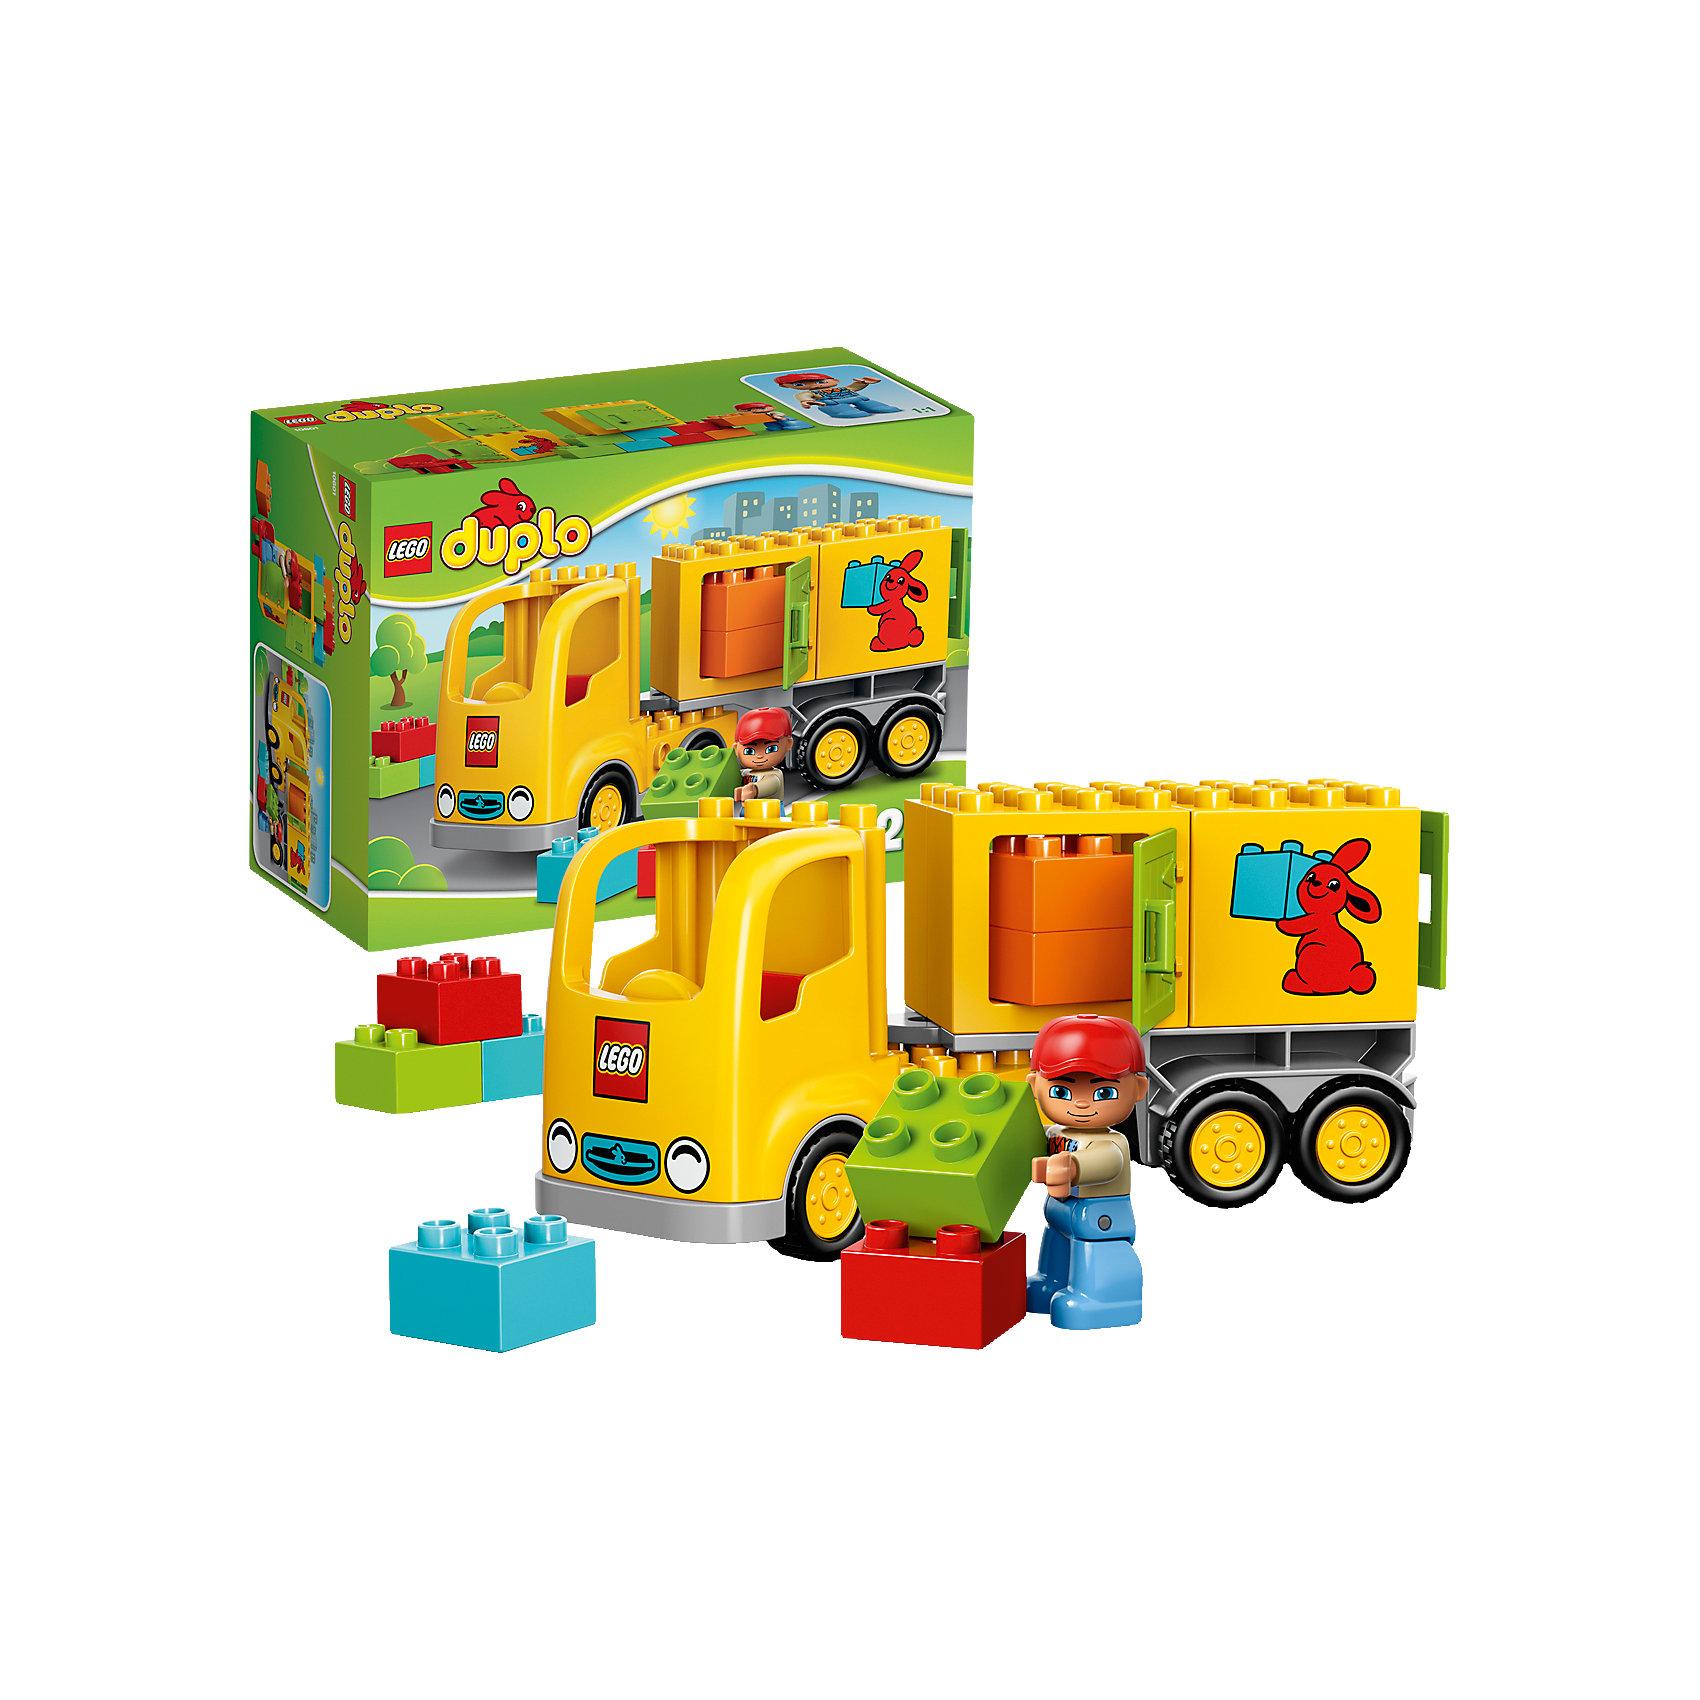 LEGO DUPLO 10601: Желтый грузовикЗамечательная новинка от LEGO DUPLO (ЛЕГО Дупло) 10601: Желтый грузовик! В одном конструкторе собраны два любимых детских занятия: игры с кубиками и машинками. Яркий и легкий в сборке грузовичок даст малышу большой простор для фантазии: можно построить большой грузовик с прицепом и дверками для грузов, а можно сделать маленький грузовичок, а из остальных деталей построить здание склада или домик водителя. Что сегодня повезет в кузове своего грузовика водитель решать только тебе. Более увлекательного набора для развития ребенка просто не найти. Строя грузовик, домик, пирамиду из кубиков и просто соединяя детали между собой, ребёнок в увлекательной игровой форме тренирует мелкую моторику и координацию. Создайте милые и увлекательные сюжеты с набором LEGO DUPLO (ЛЕГО Дупло) 10601: Желтый грузовик или объедините его с другими наборами серии и игра станет еще увлекательнее!  <br><br>Конструкторы LEGO DUPLO (ЛЕГО ДУПЛО) созданы специально для детей дошкольного возраста. Они сочетают увлекательную игру и обучение, а также развивают мелкую моторику, пространственное мышление и творческие способности малышей. Кубики LEGO DUPLO (ЛЕГО ДУПЛО) в 8 раз больше, чем обычные, что позволяет ребенку удобно держать их ручками и быстро строить. Большое количество дополнительных элементов делает игровые сюжеты по-настоящему захватывающими и реалистичными. Все наборы LEGO DUPLO (ЛЕГО ДУПЛО) соответствуют самым высоким европейским стандартам качества и абсолютно безопасны. <br><br>Дополнительная информация:<br><br>- Конструкторы LEGO (ЛЕГО) отлично развивают моторику, мышление и фантазию Вашего ребенка;<br>- В комплекте: минифигурка водителя, детали набора;<br>- Количество деталей: 19 шт;<br>- Идеальный первый конструктор;<br>- Серия: LEGO DUPLO (ЛЕГО Дупло);<br>- Материал: безопасный пластик;<br>- Размер упаковки: 26 x 19 x 12 см;<br>- Вес: 800 г<br><br>Конструктор LEGO DUPLO (ЛЕГО Дупло) 10601: Желтый грузовик можно купить в нашем магазине.<br><br>Ширина 